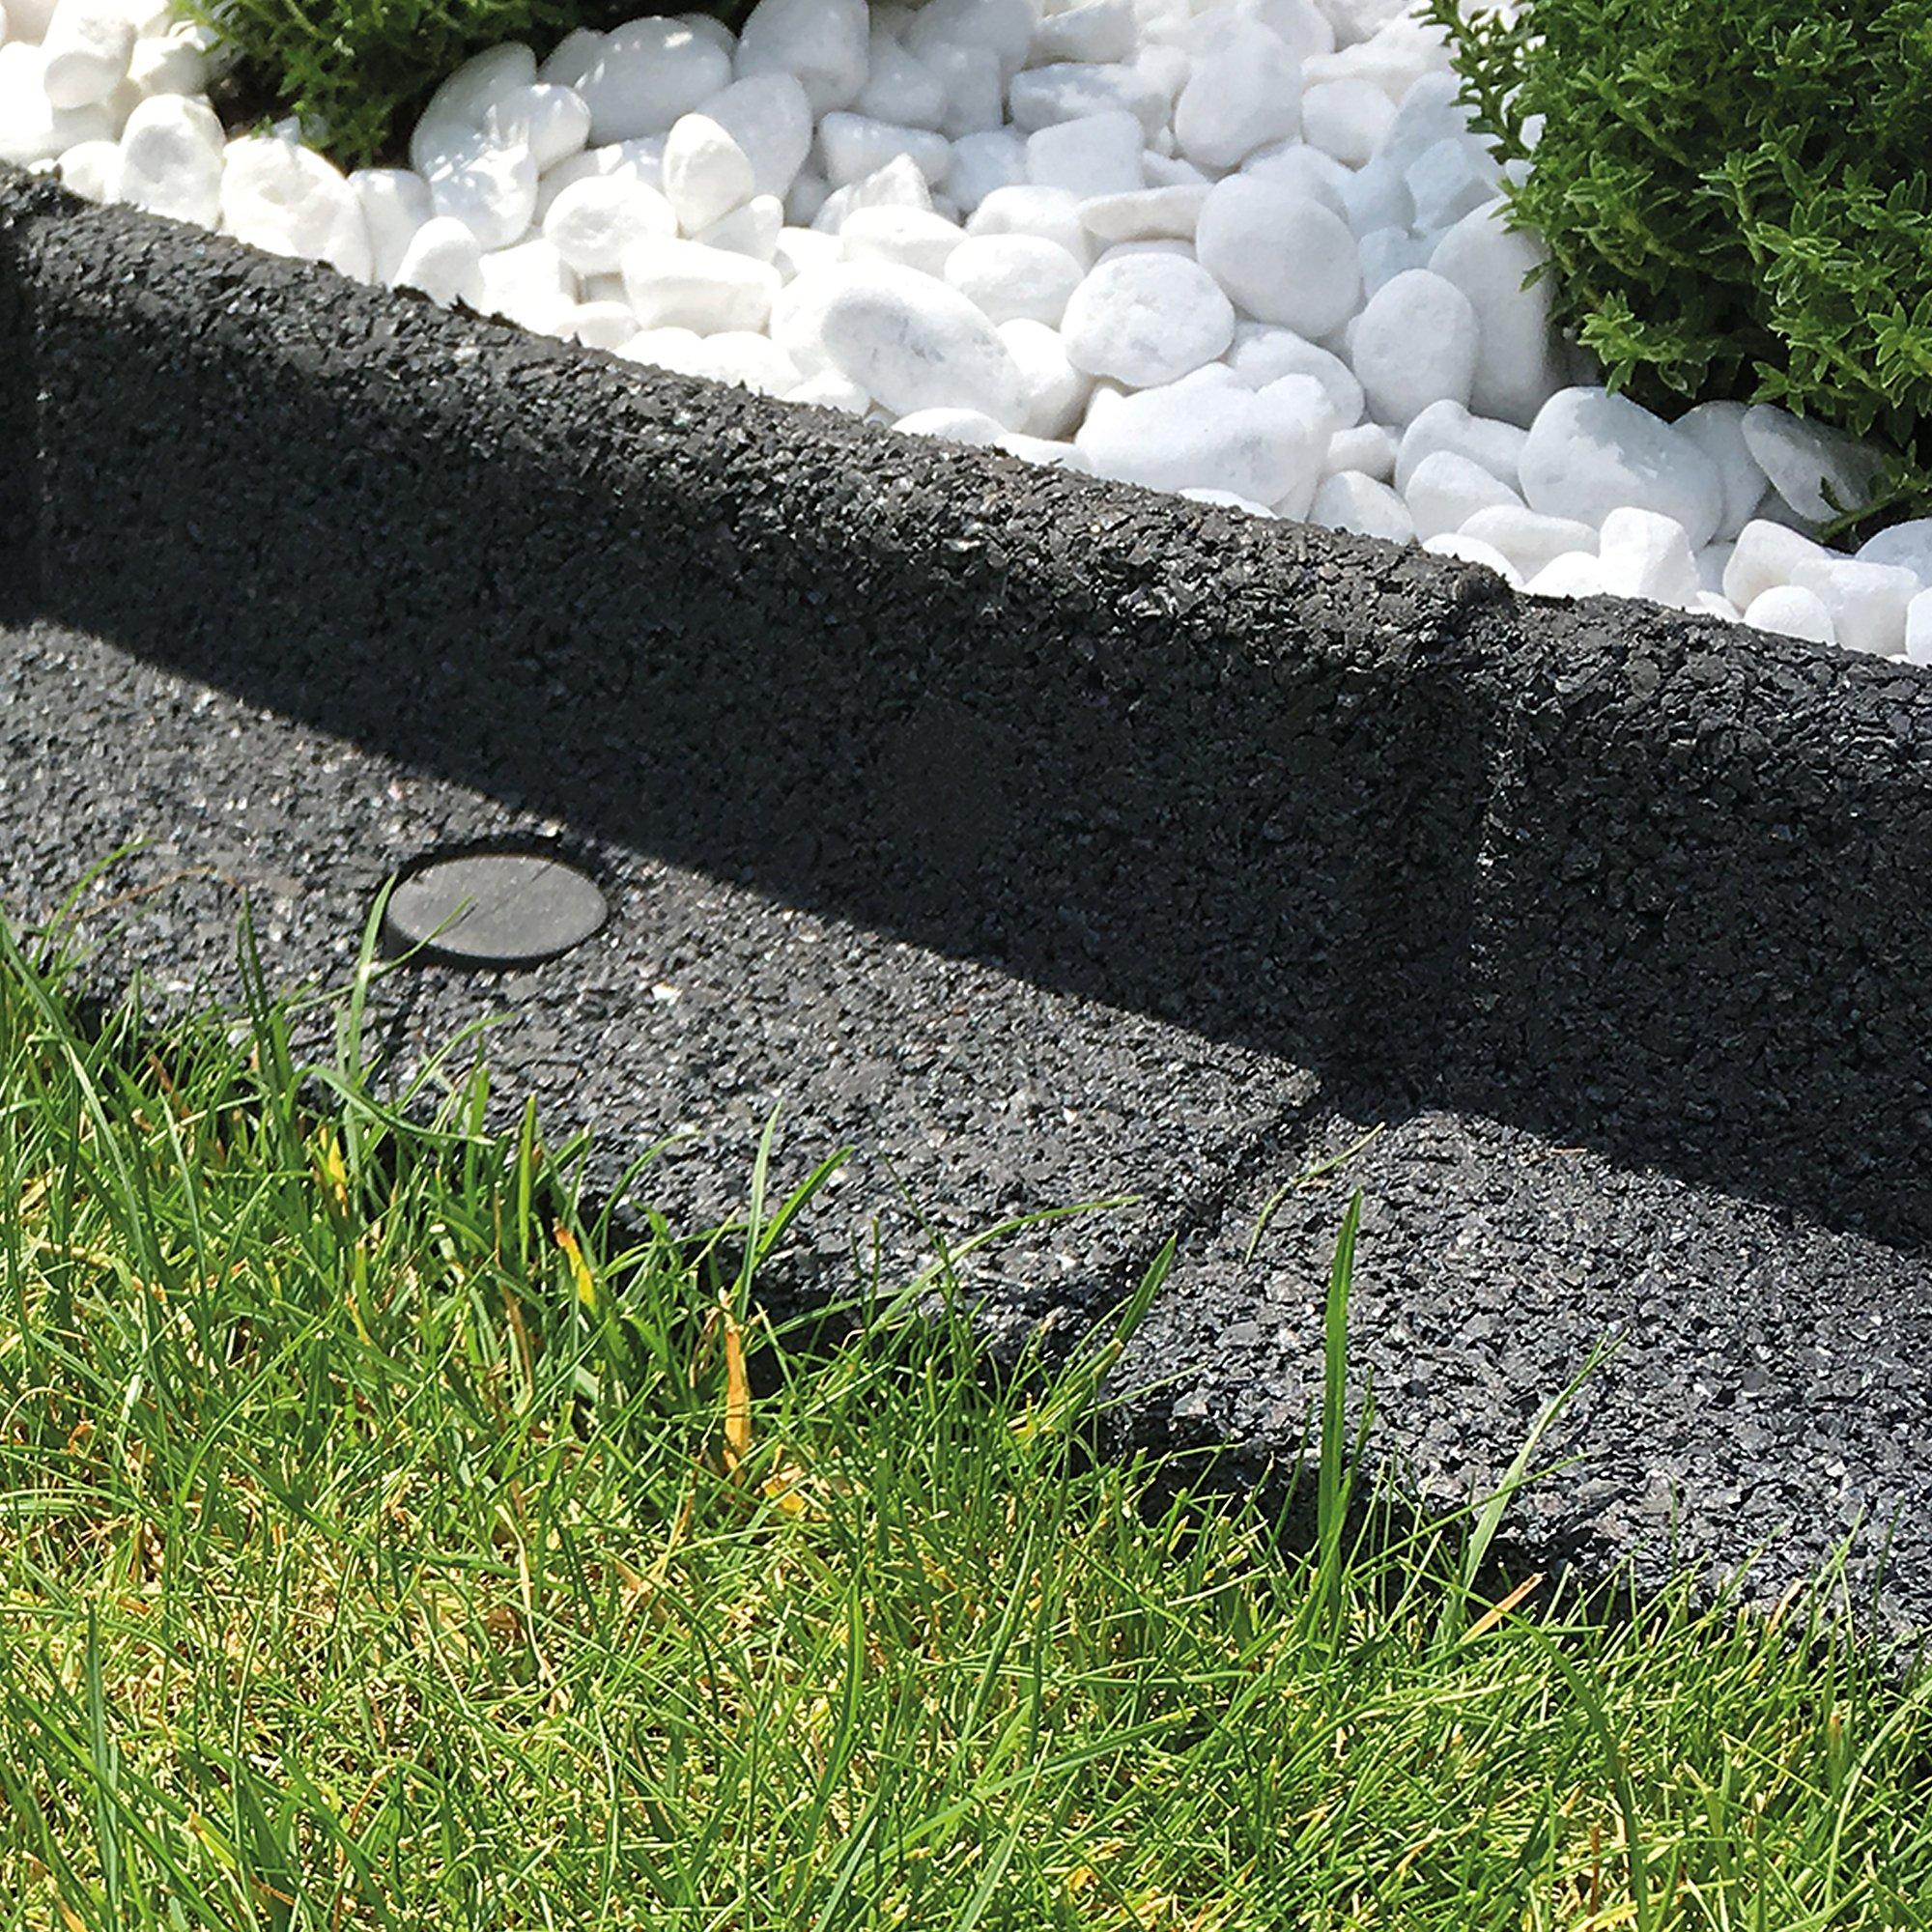 Clifford James Borde de borde para jardín, flexible, forma de pared; respetuoso con el medio ambiente, goma reciclada para césped y patio, negro: Amazon.es: Jardín